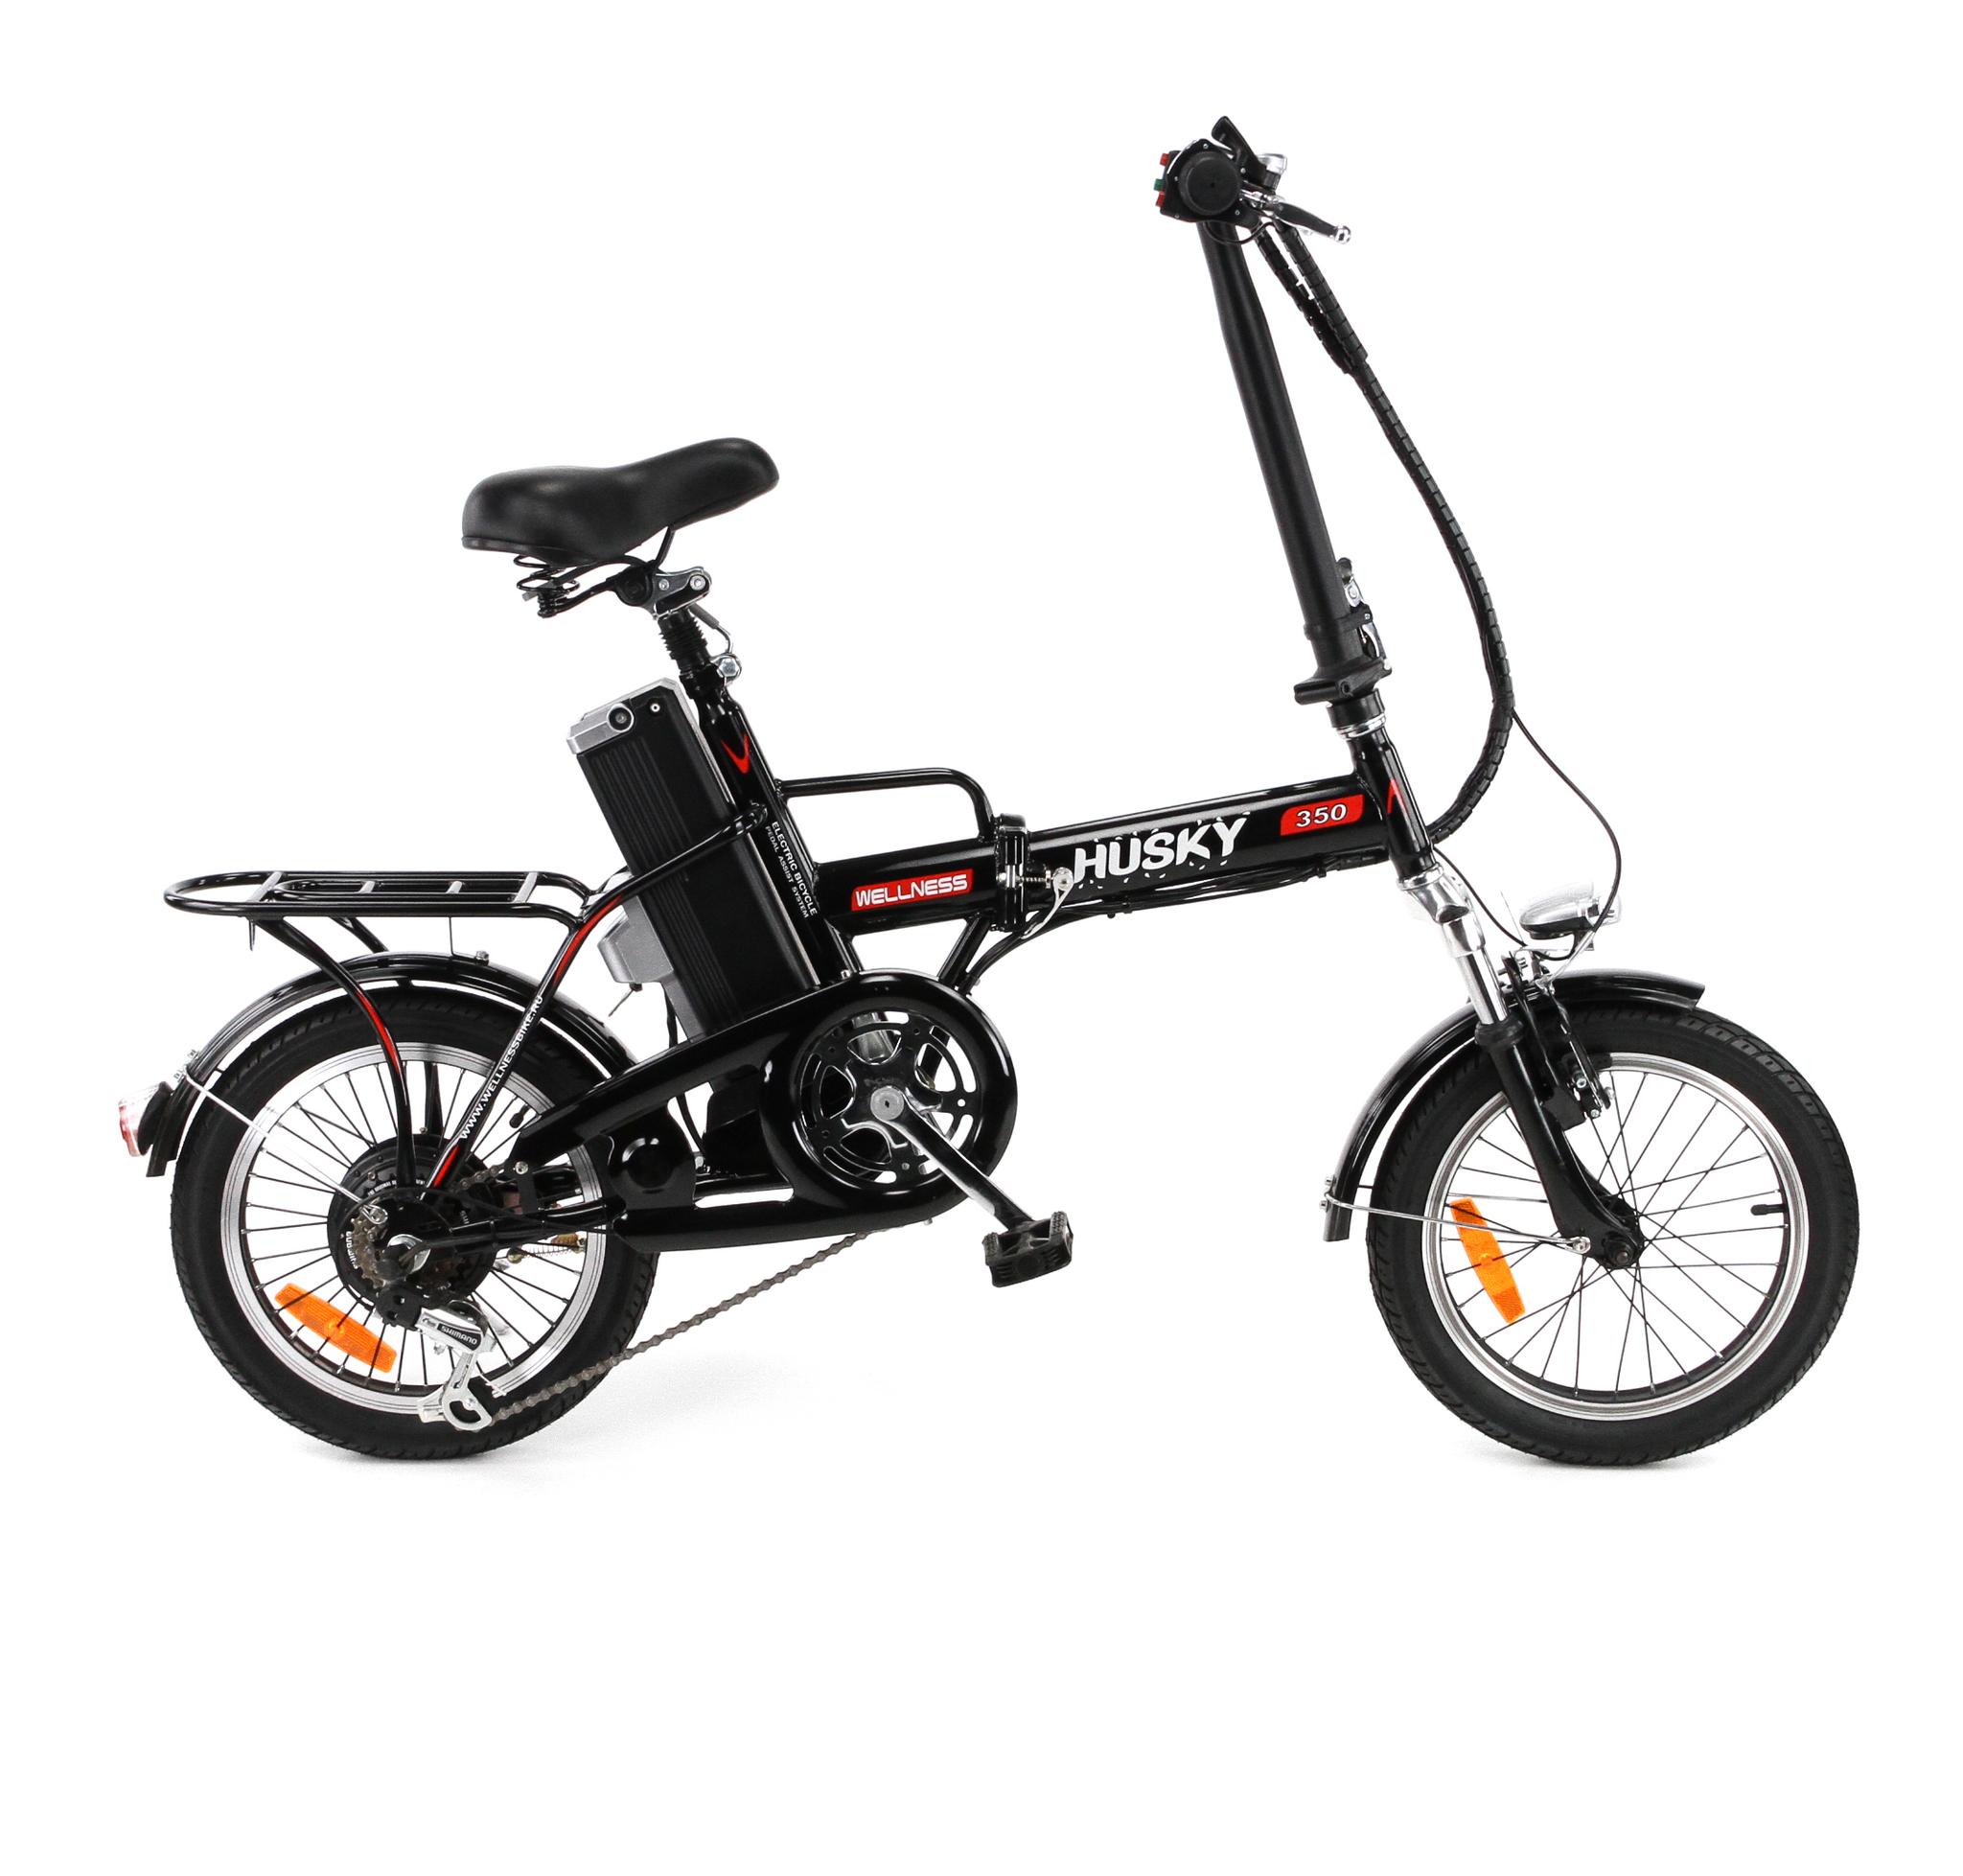 Электровелосипед WELLNESS husky 350-5